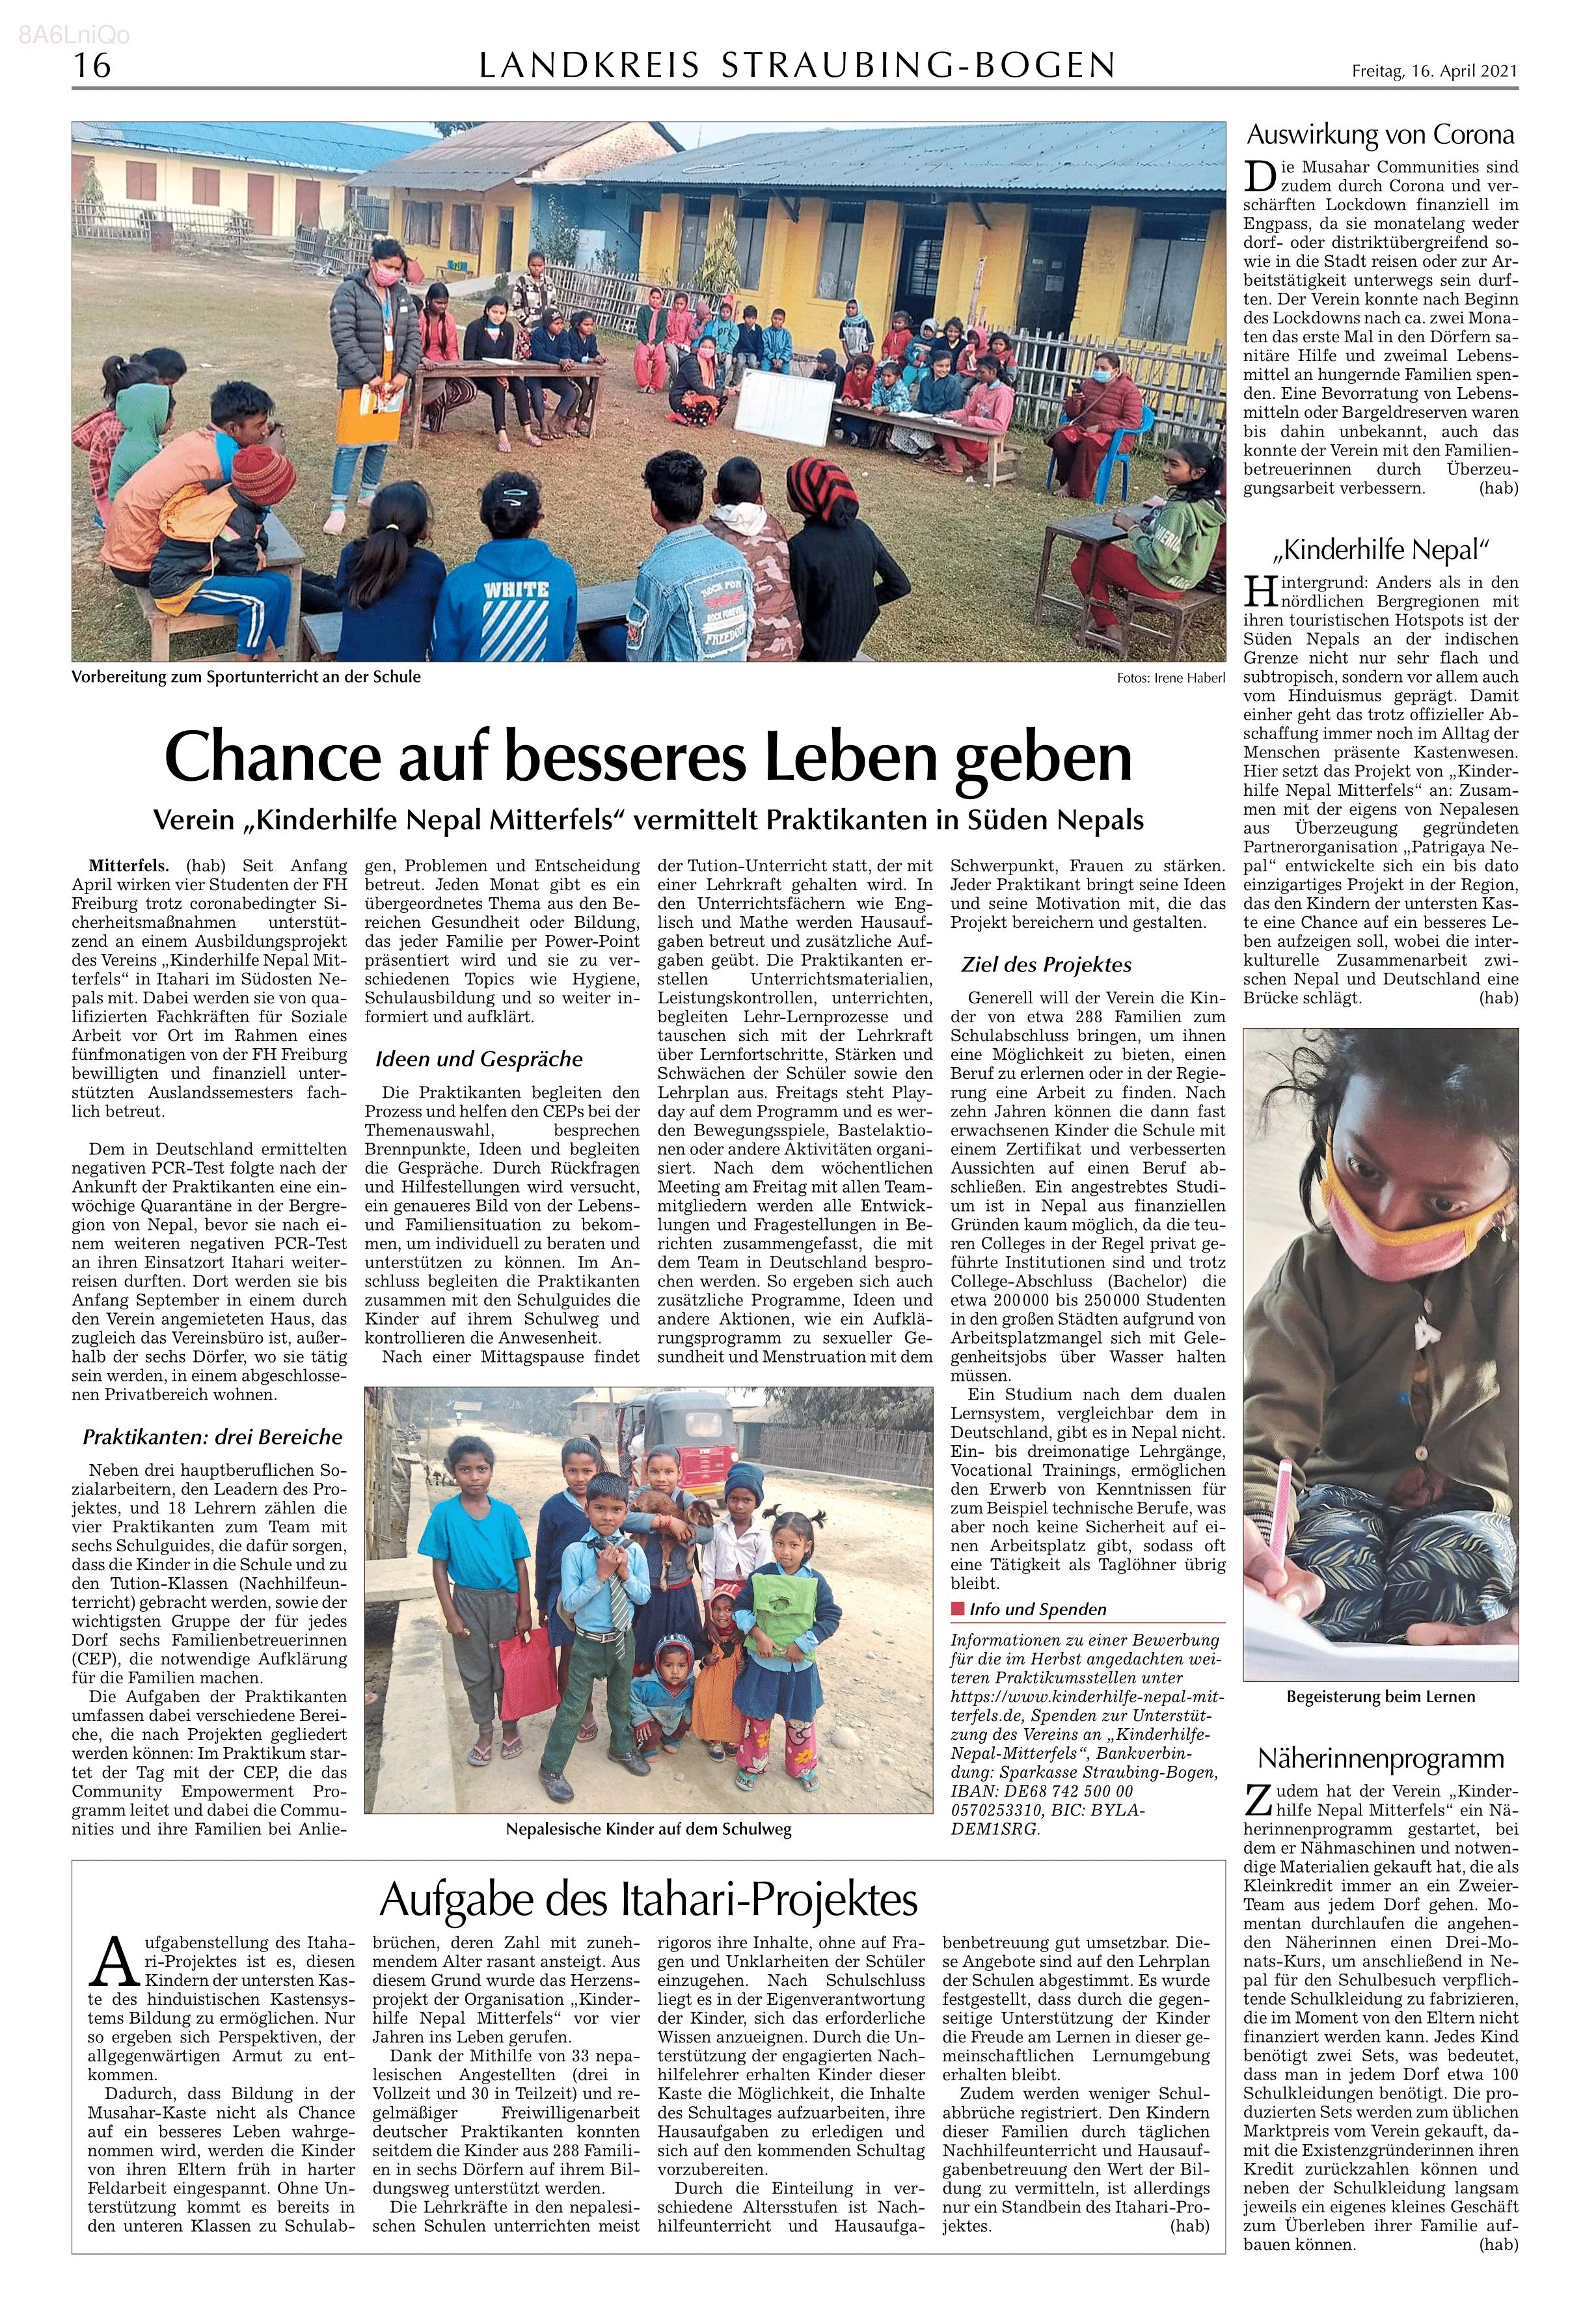 Dieses Bild zeigt den Zeitungsartikel vom 21.04.21